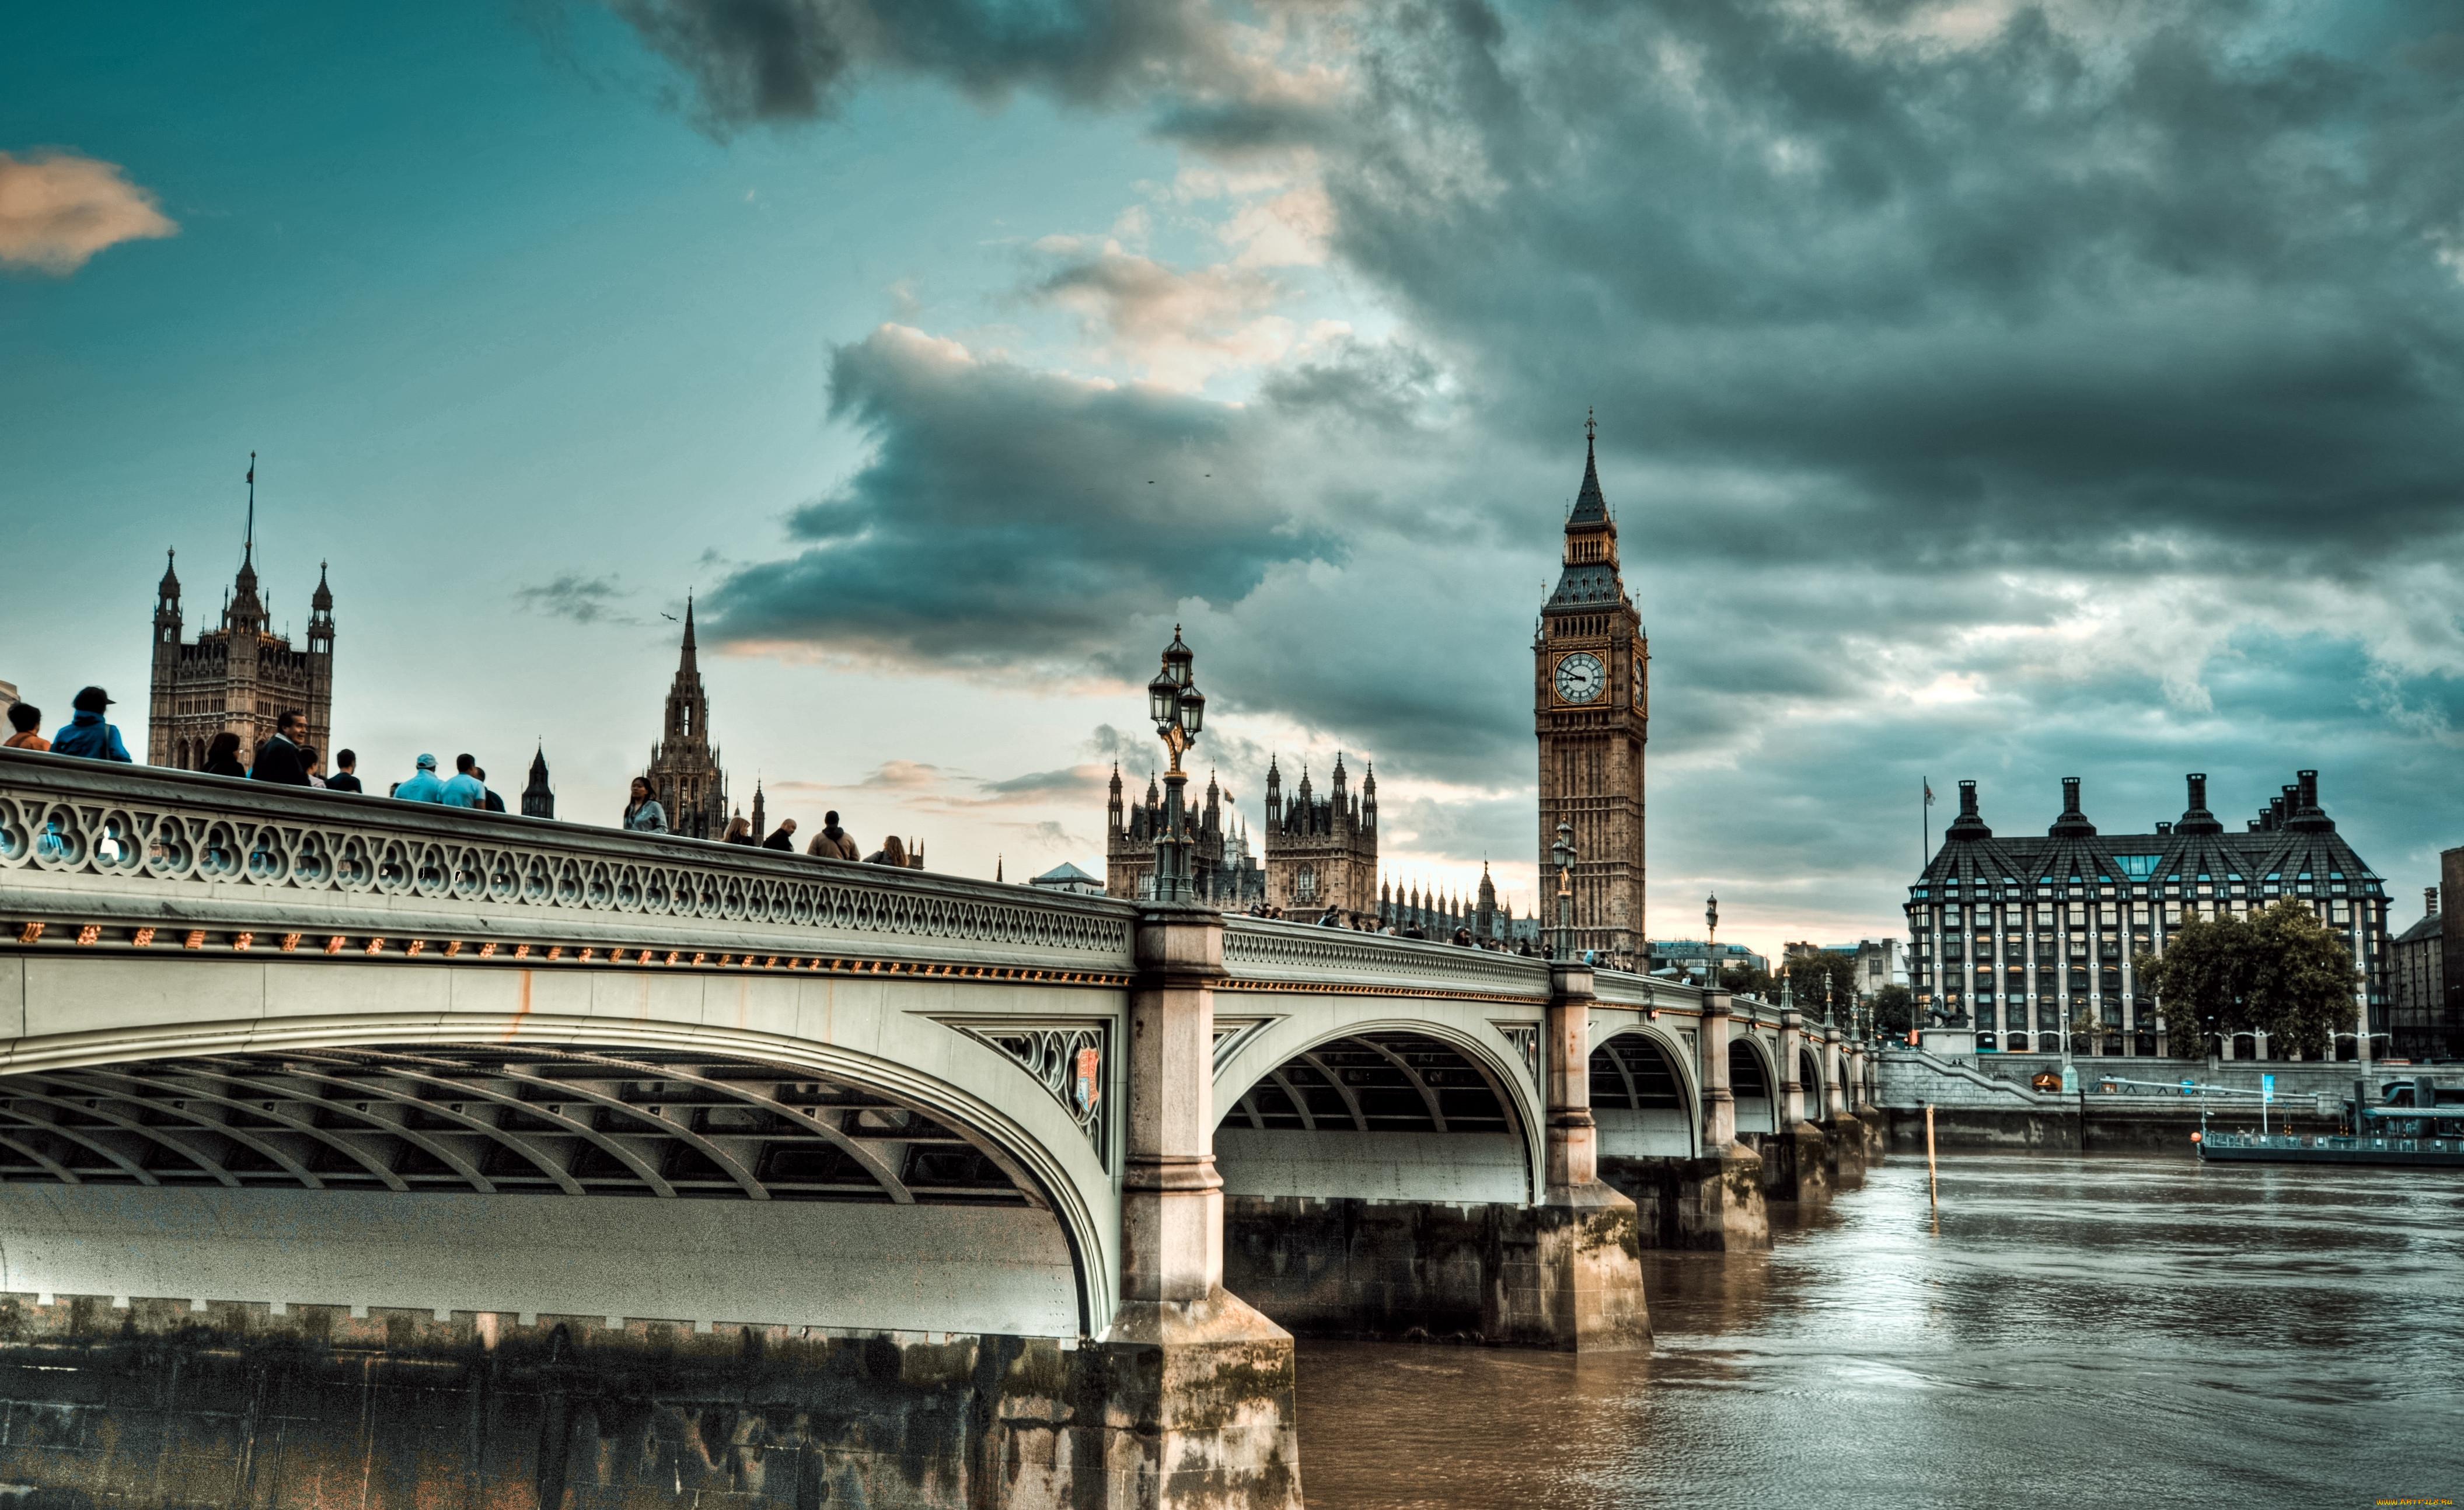 елочка, подарки, фото лондона в высоком качестве имени зелим поиск